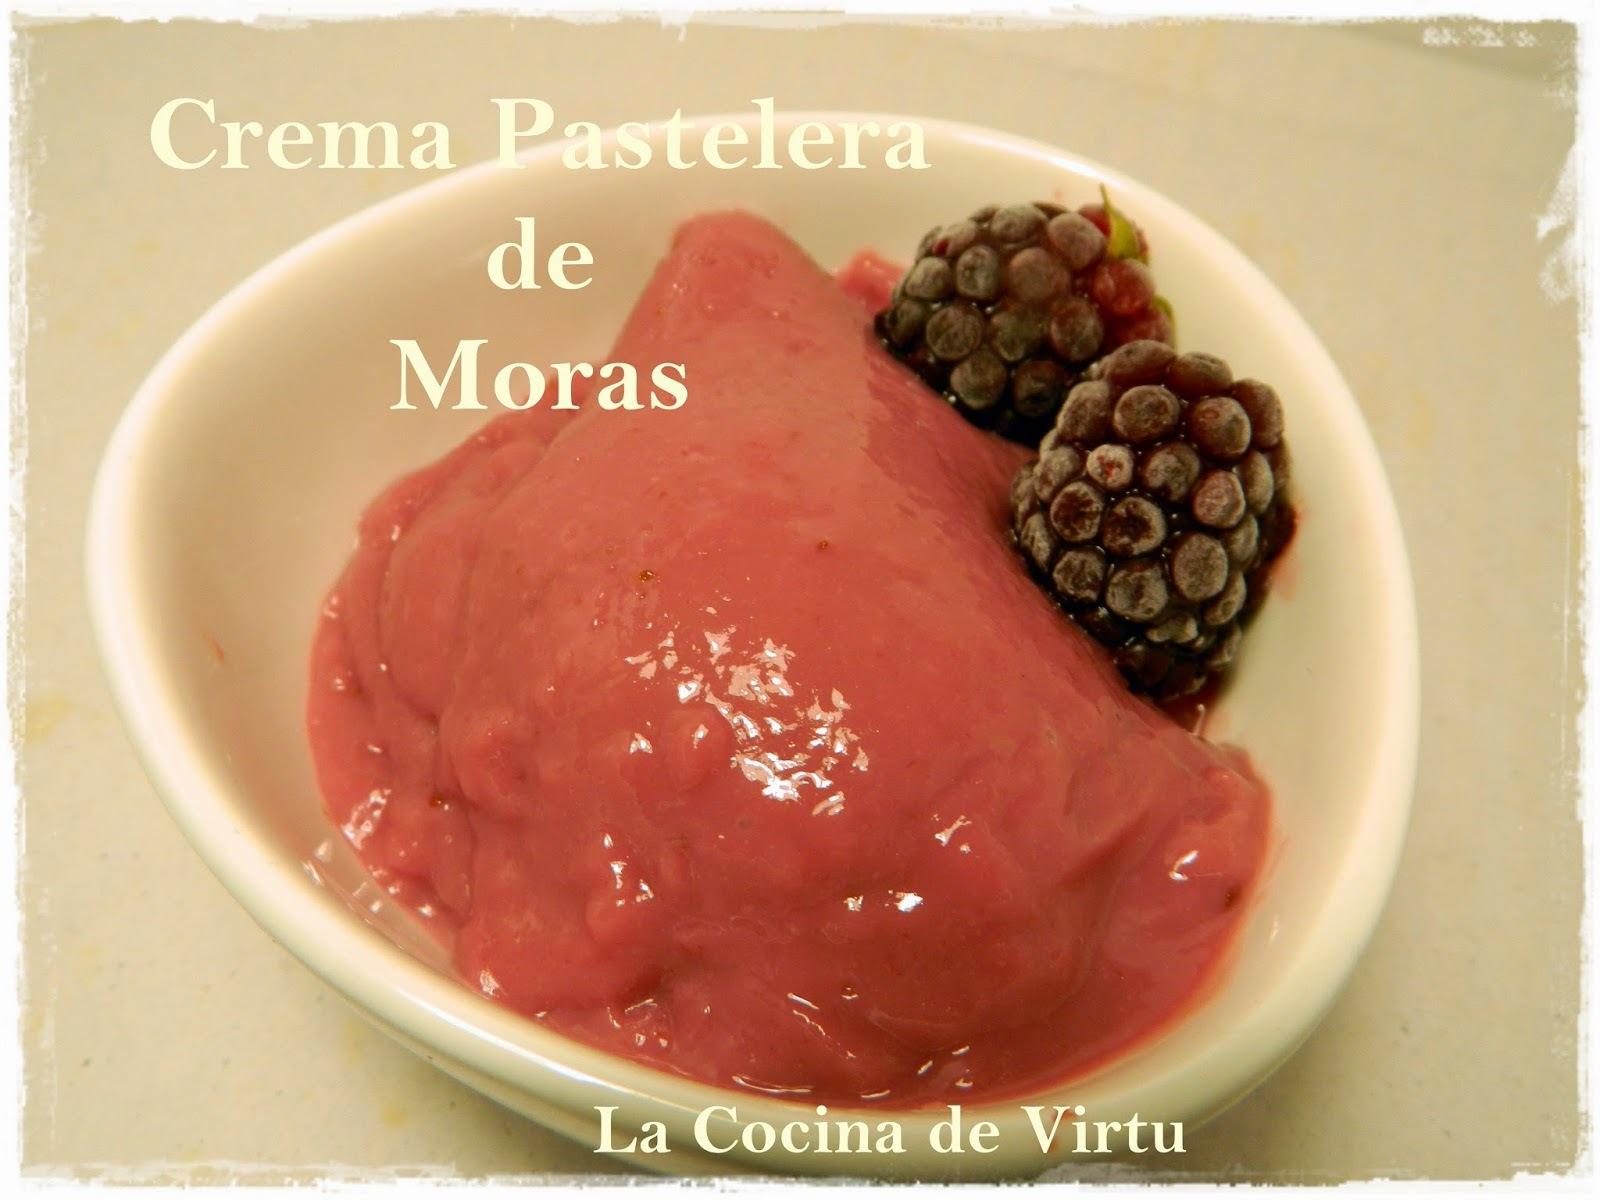 Crema Pastelera de Moras